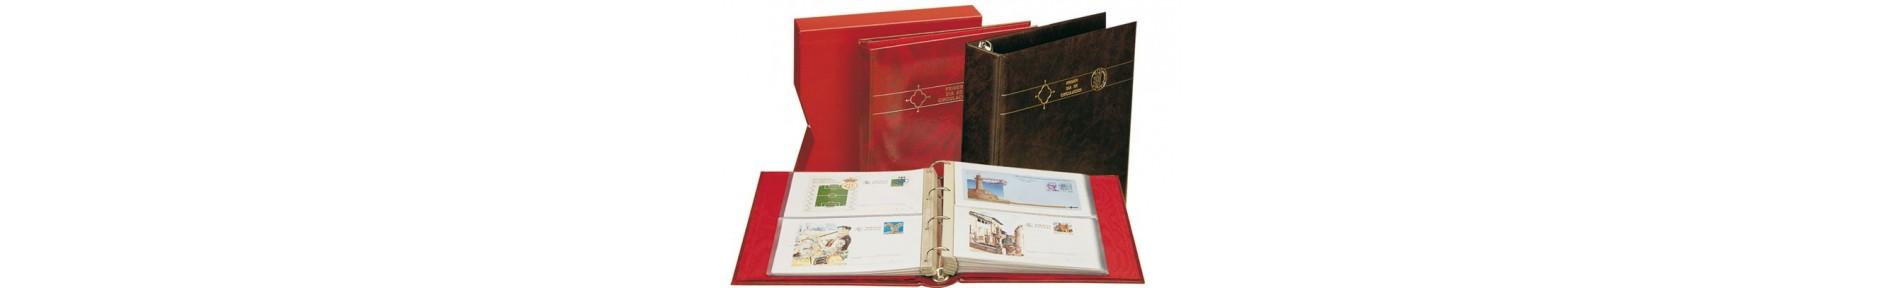 Álbumes Sobres Primer Día, Tarjetas, Postales, Cartas